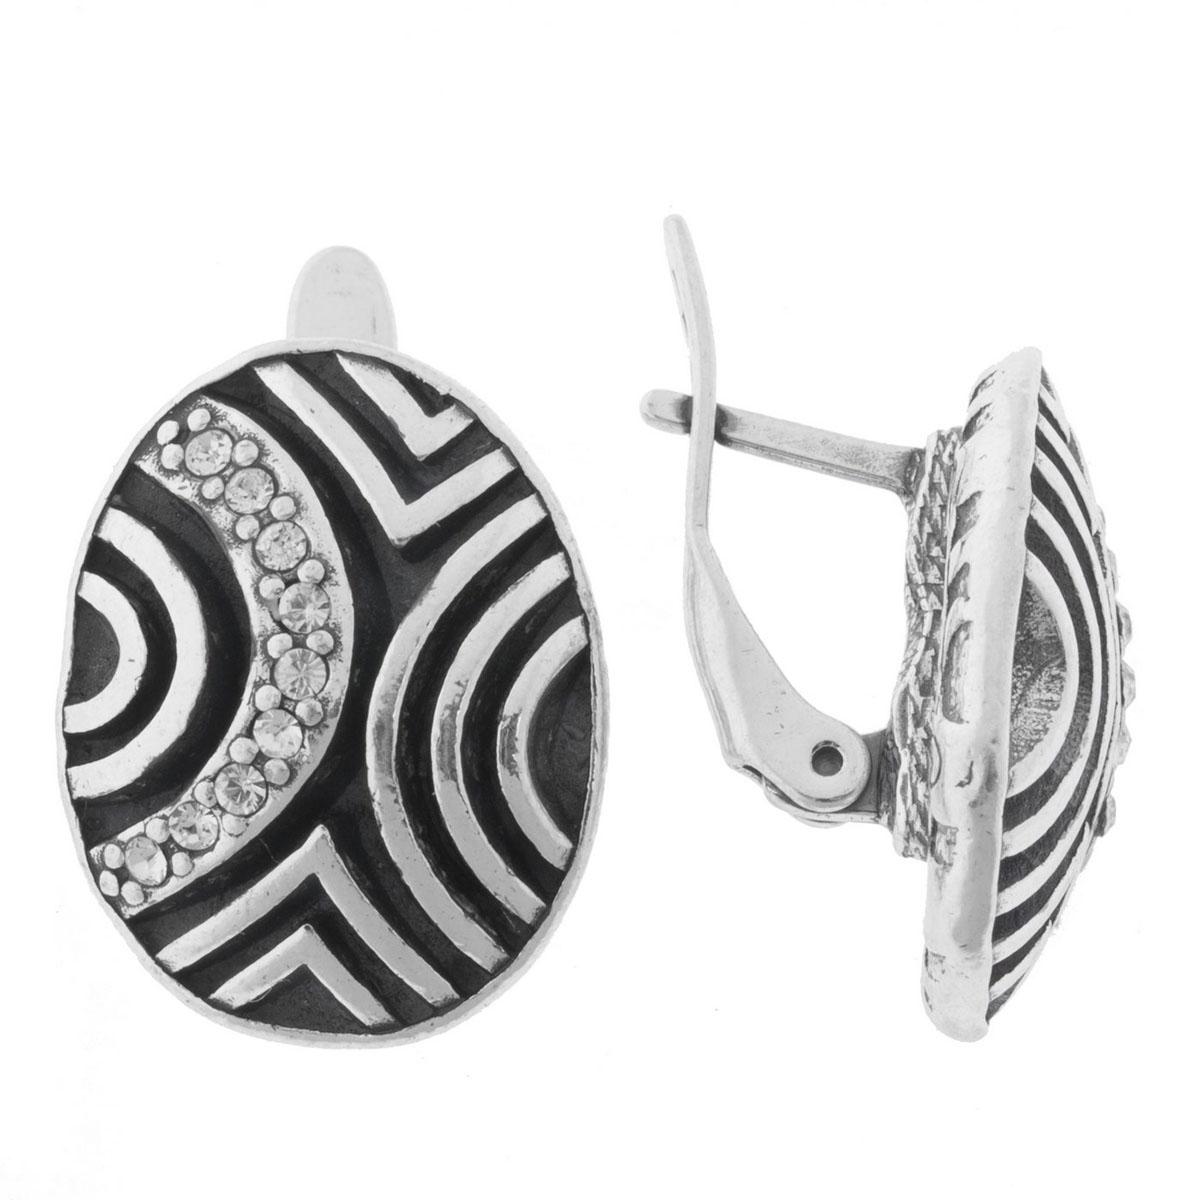 Серьги Jenavi Лэрна, цвет: серебро, белый. K5183100k5183100Коллекция Jetta, Лэрна (Серьги) гипоаллергенный ювелирный сплав,Черненое серебро, вставка Кристаллы Swarovski